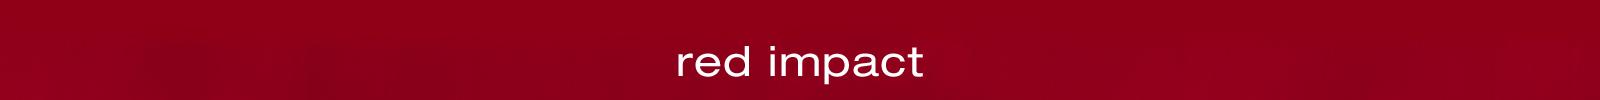 Shu uemura REDS #RD163 Red Impact